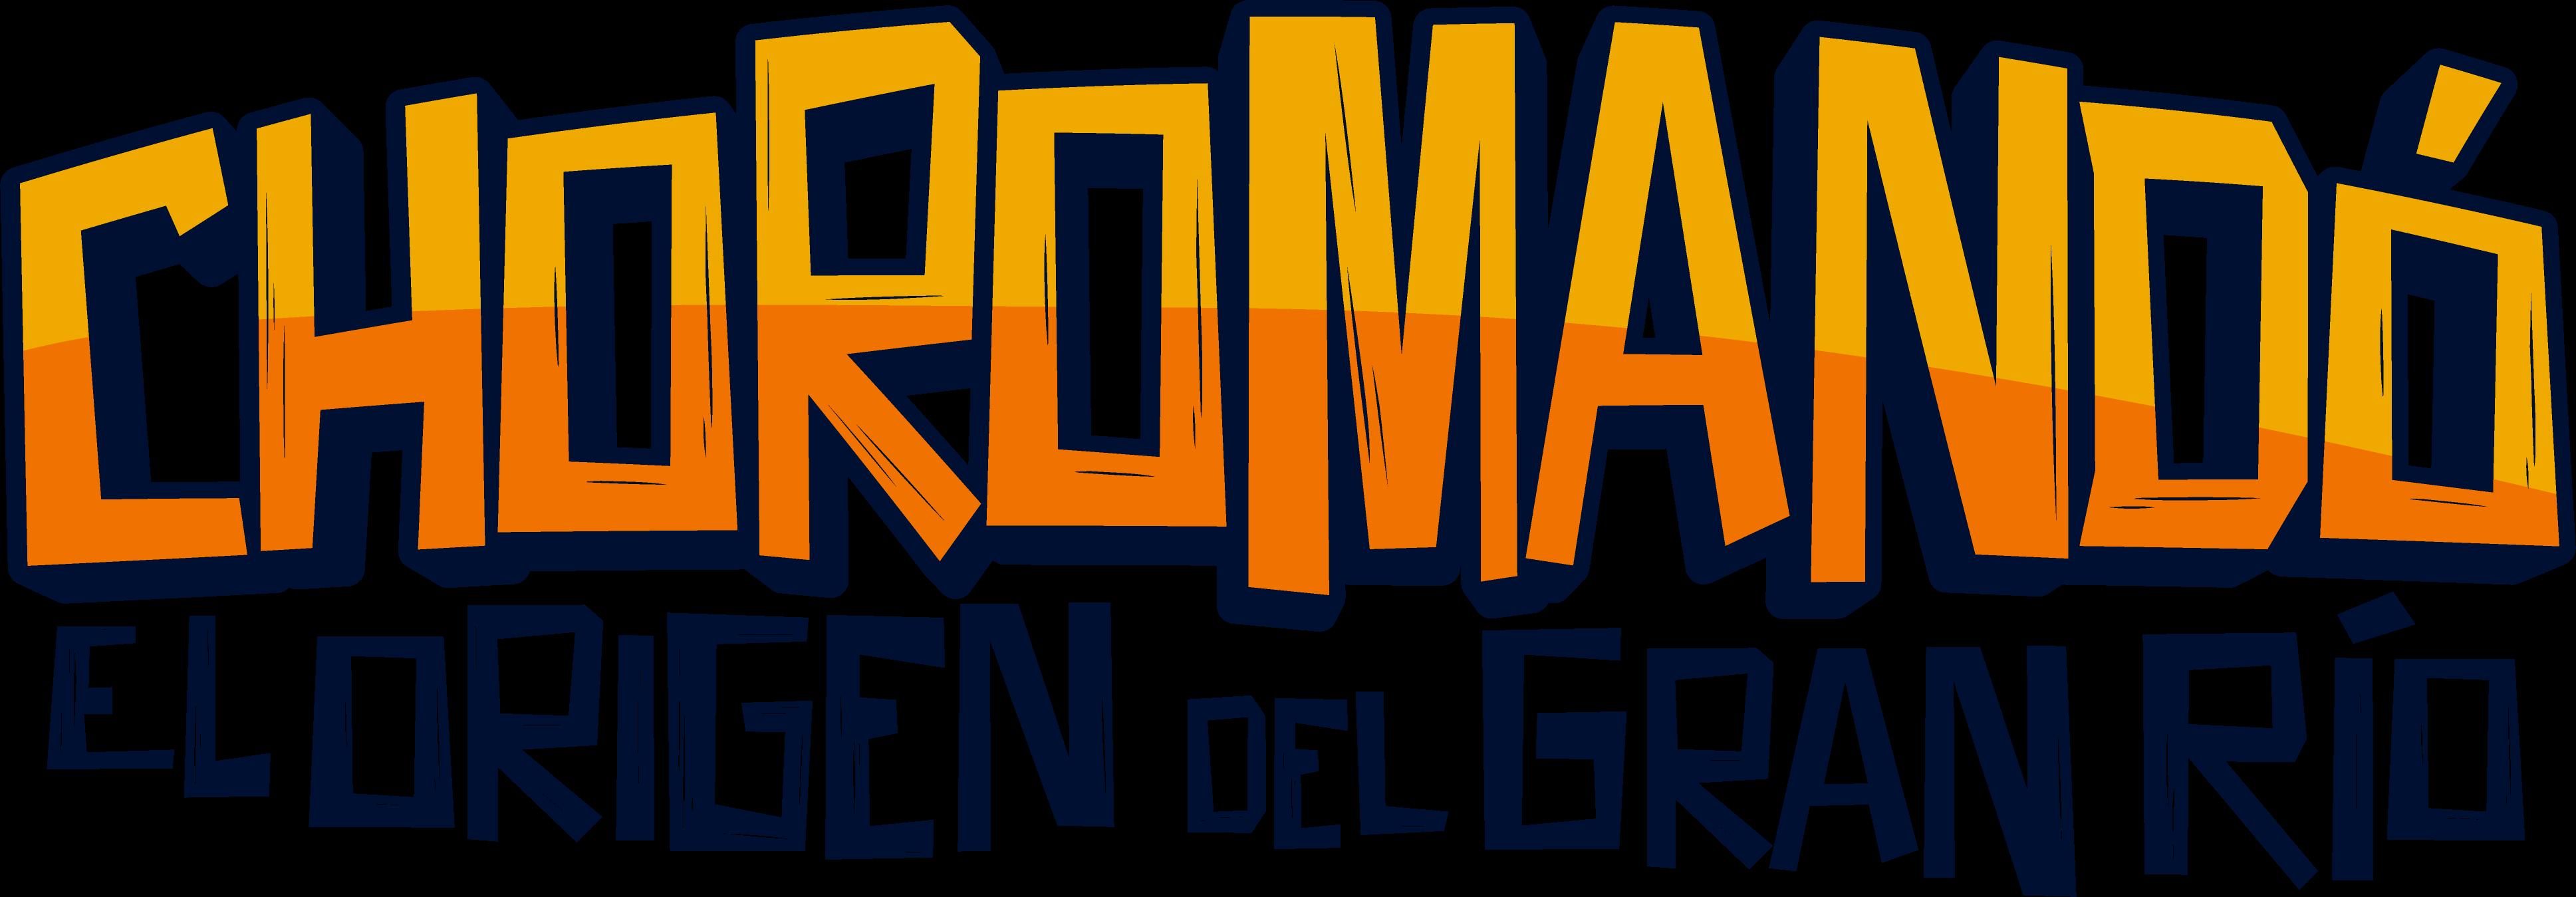 Logo modificado